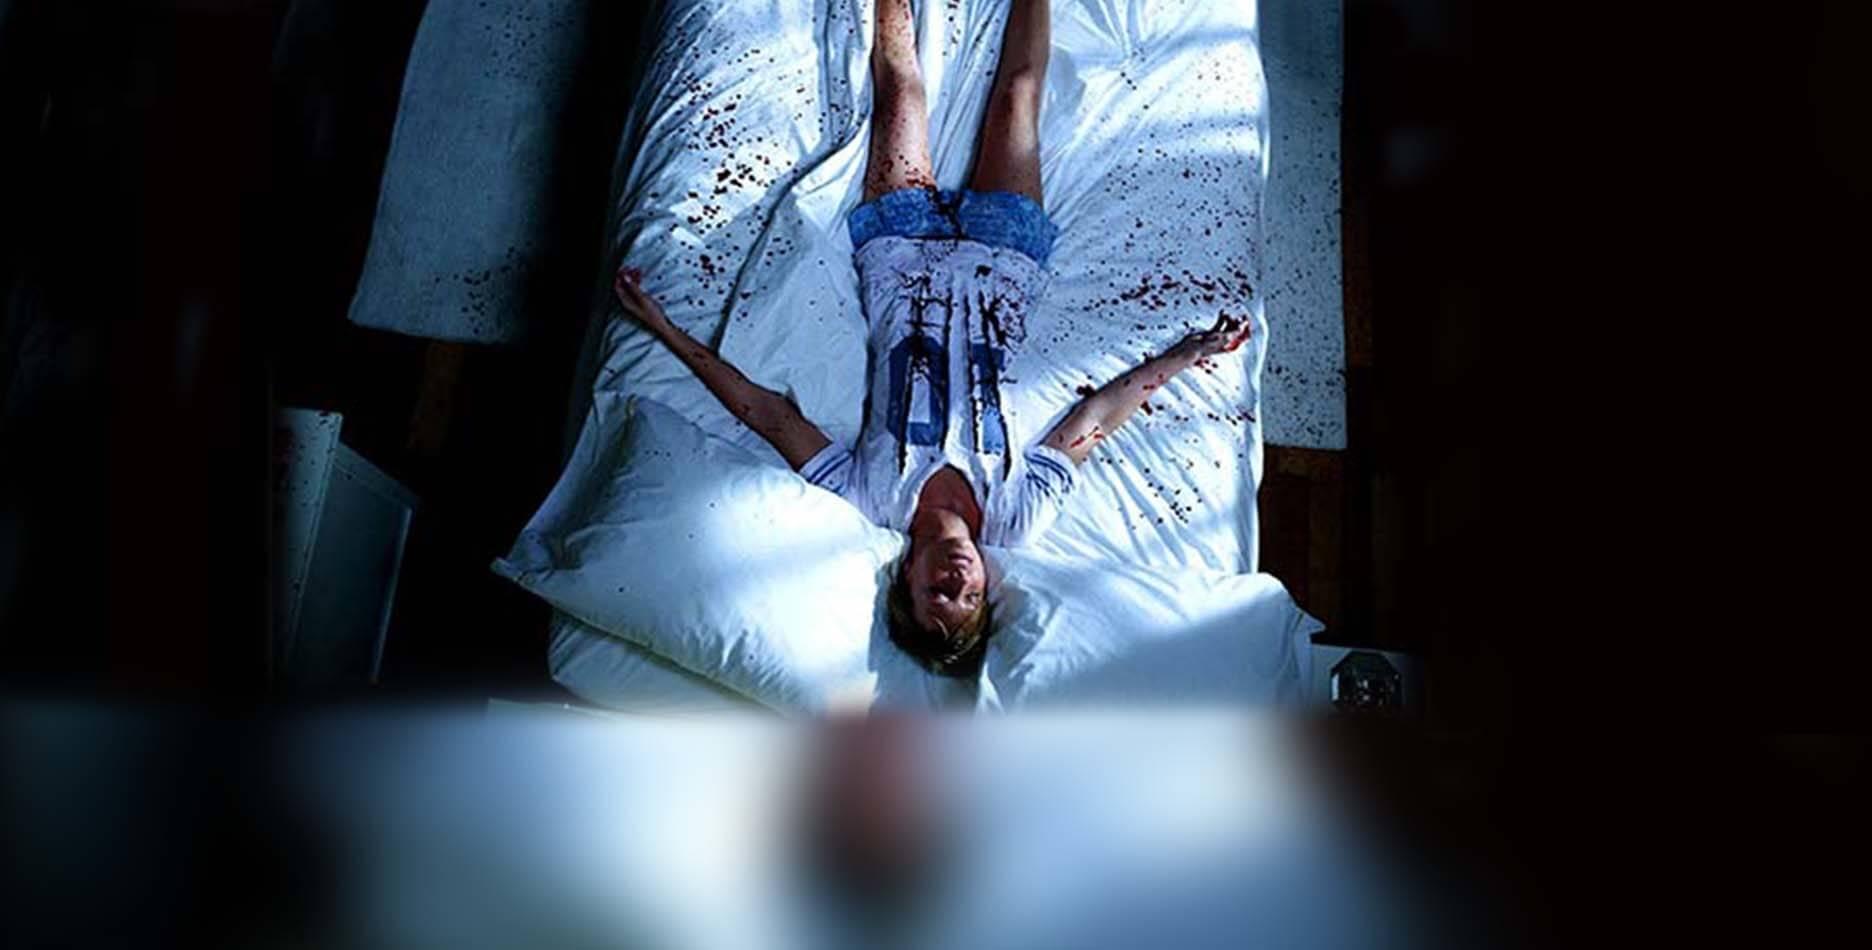 推荐几部由真实故事改编的恐怖电影,挑战你的心理